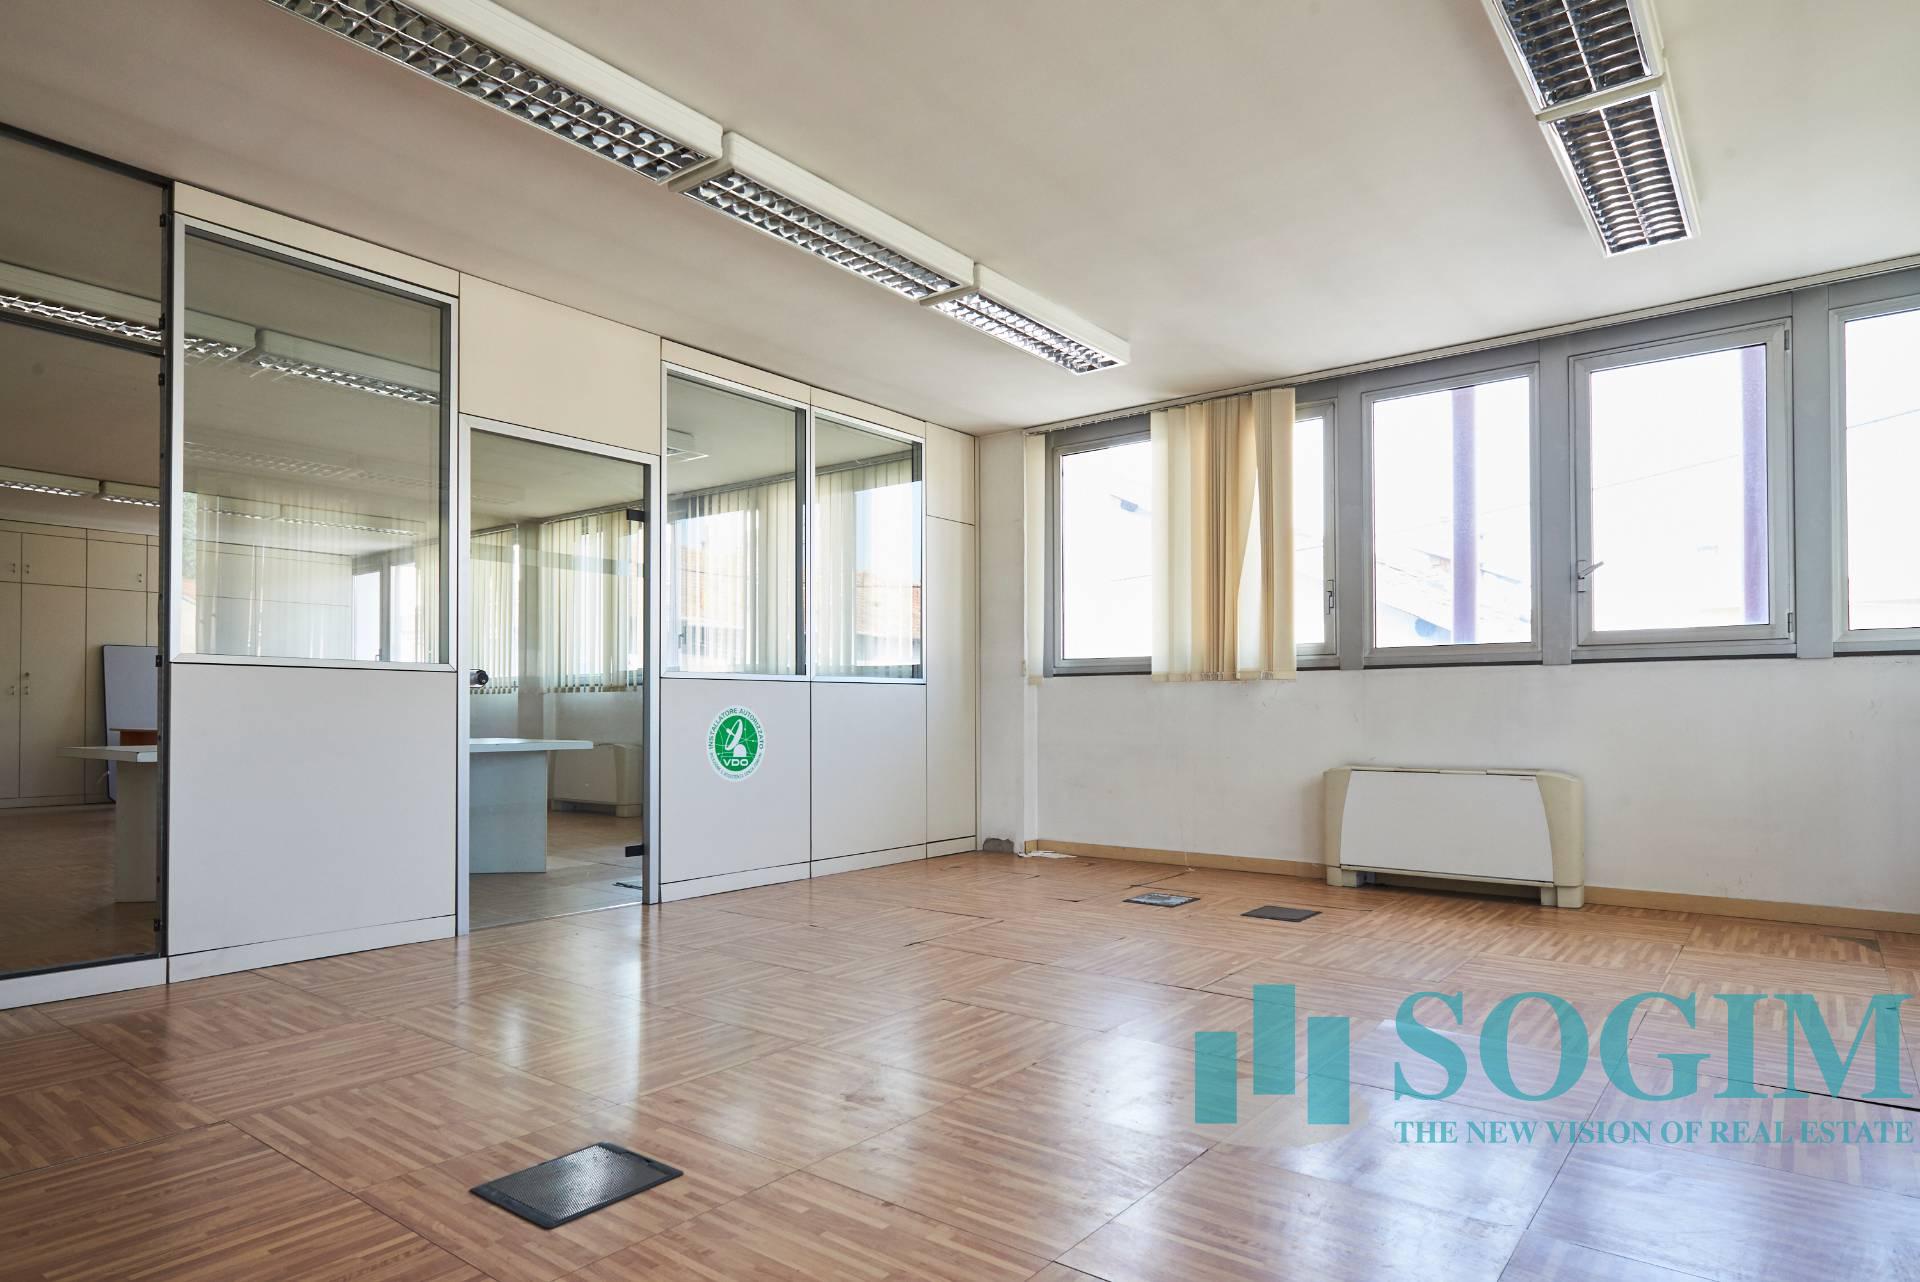 Ufficio in Affitto a Novate Milanese  rif. 9398